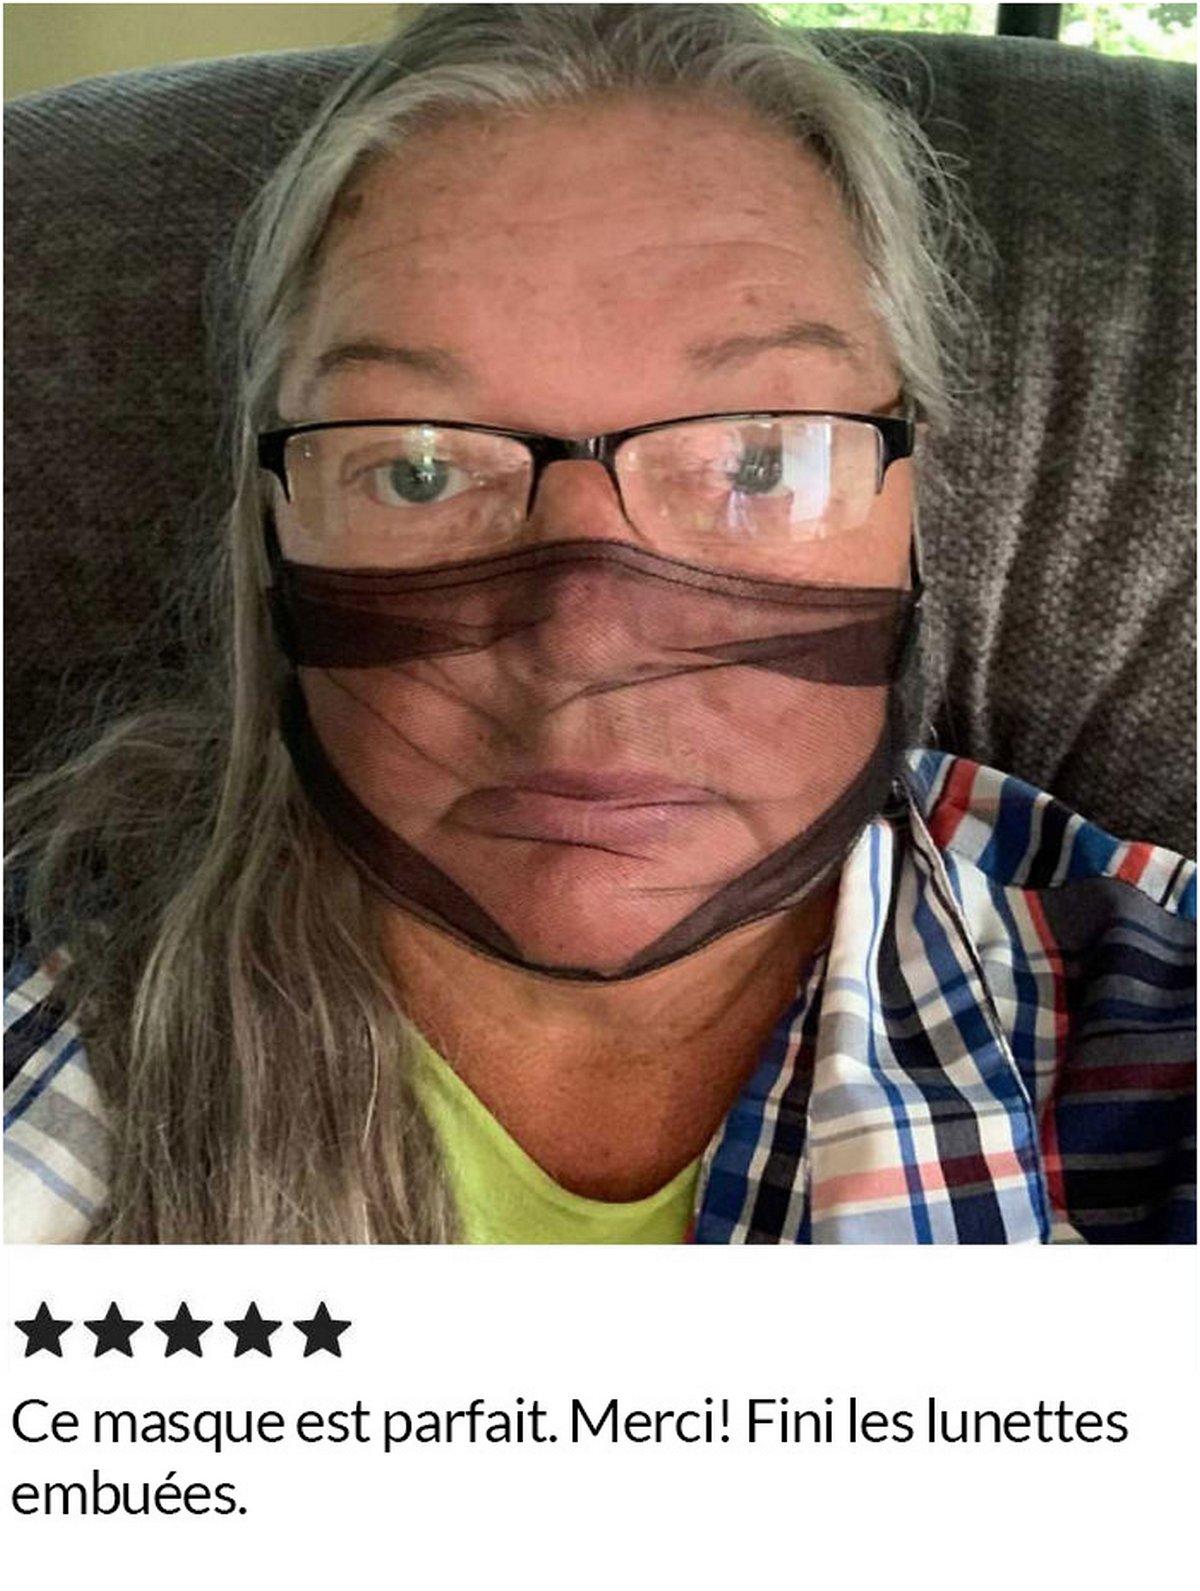 Ces gens adorent les masques respirants qui n'offrent aucune protection contre le COVID-19